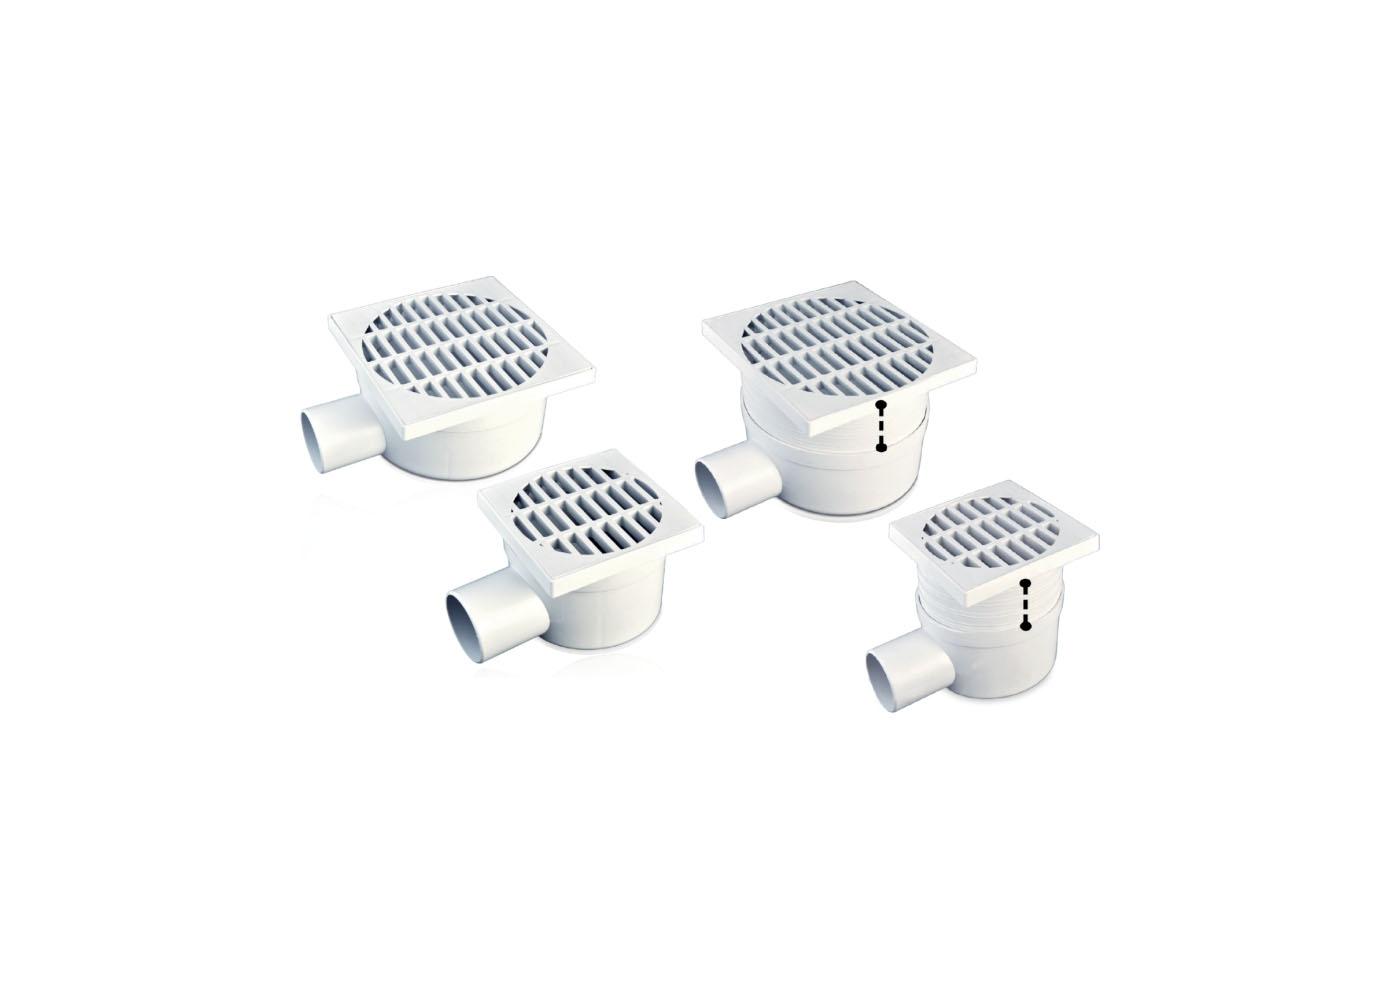 CHIUSINO SCARICO LATERALE TELESC. GRIGLIA PVC CM 11,5X11,5